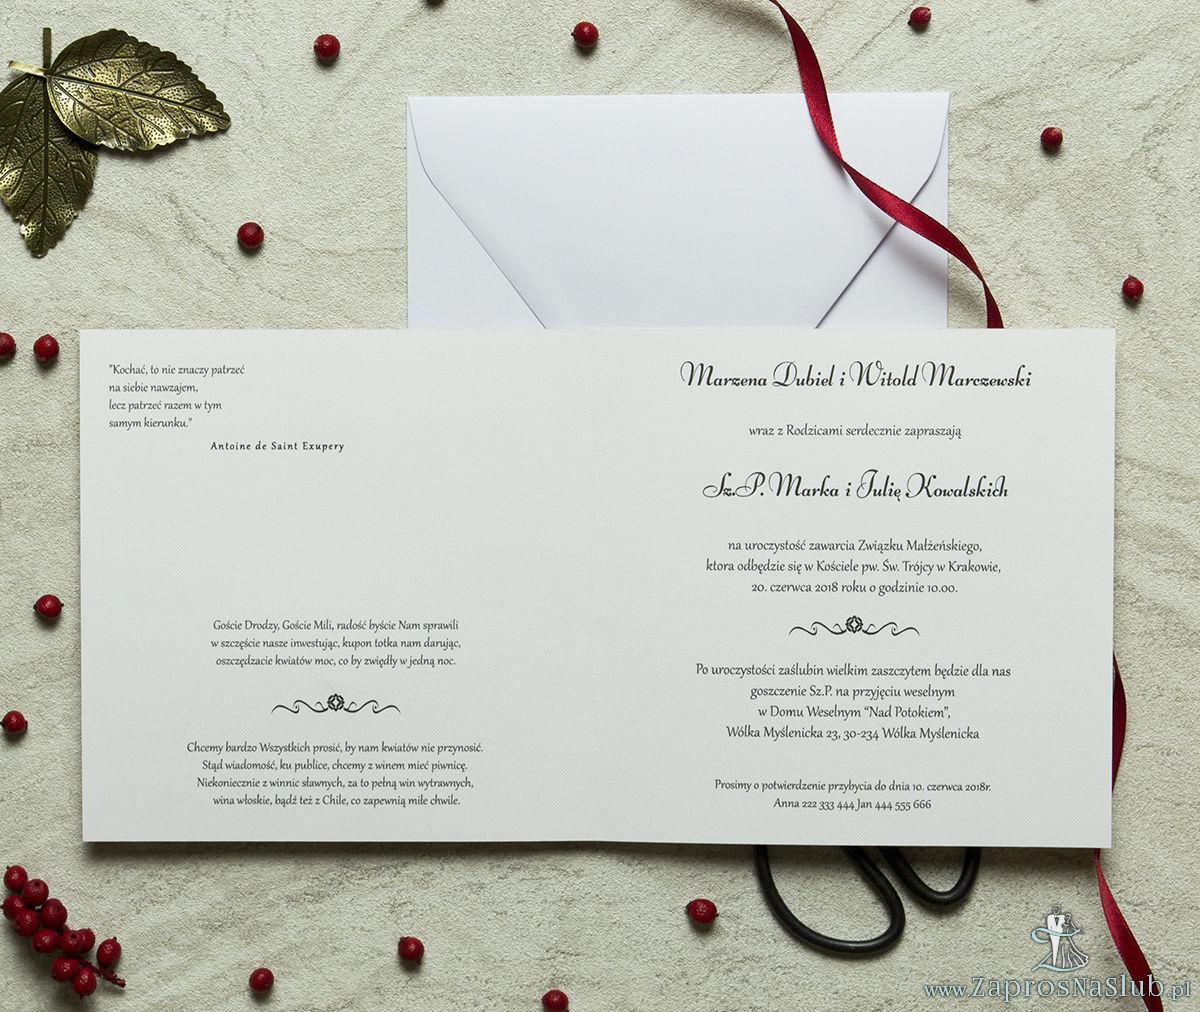 Zaproszenia designerskie - czerwono-biały ozdobny ornament z trójbarwnym motywem kwiatowym oraz satynową kokardką. ZAP-11-11